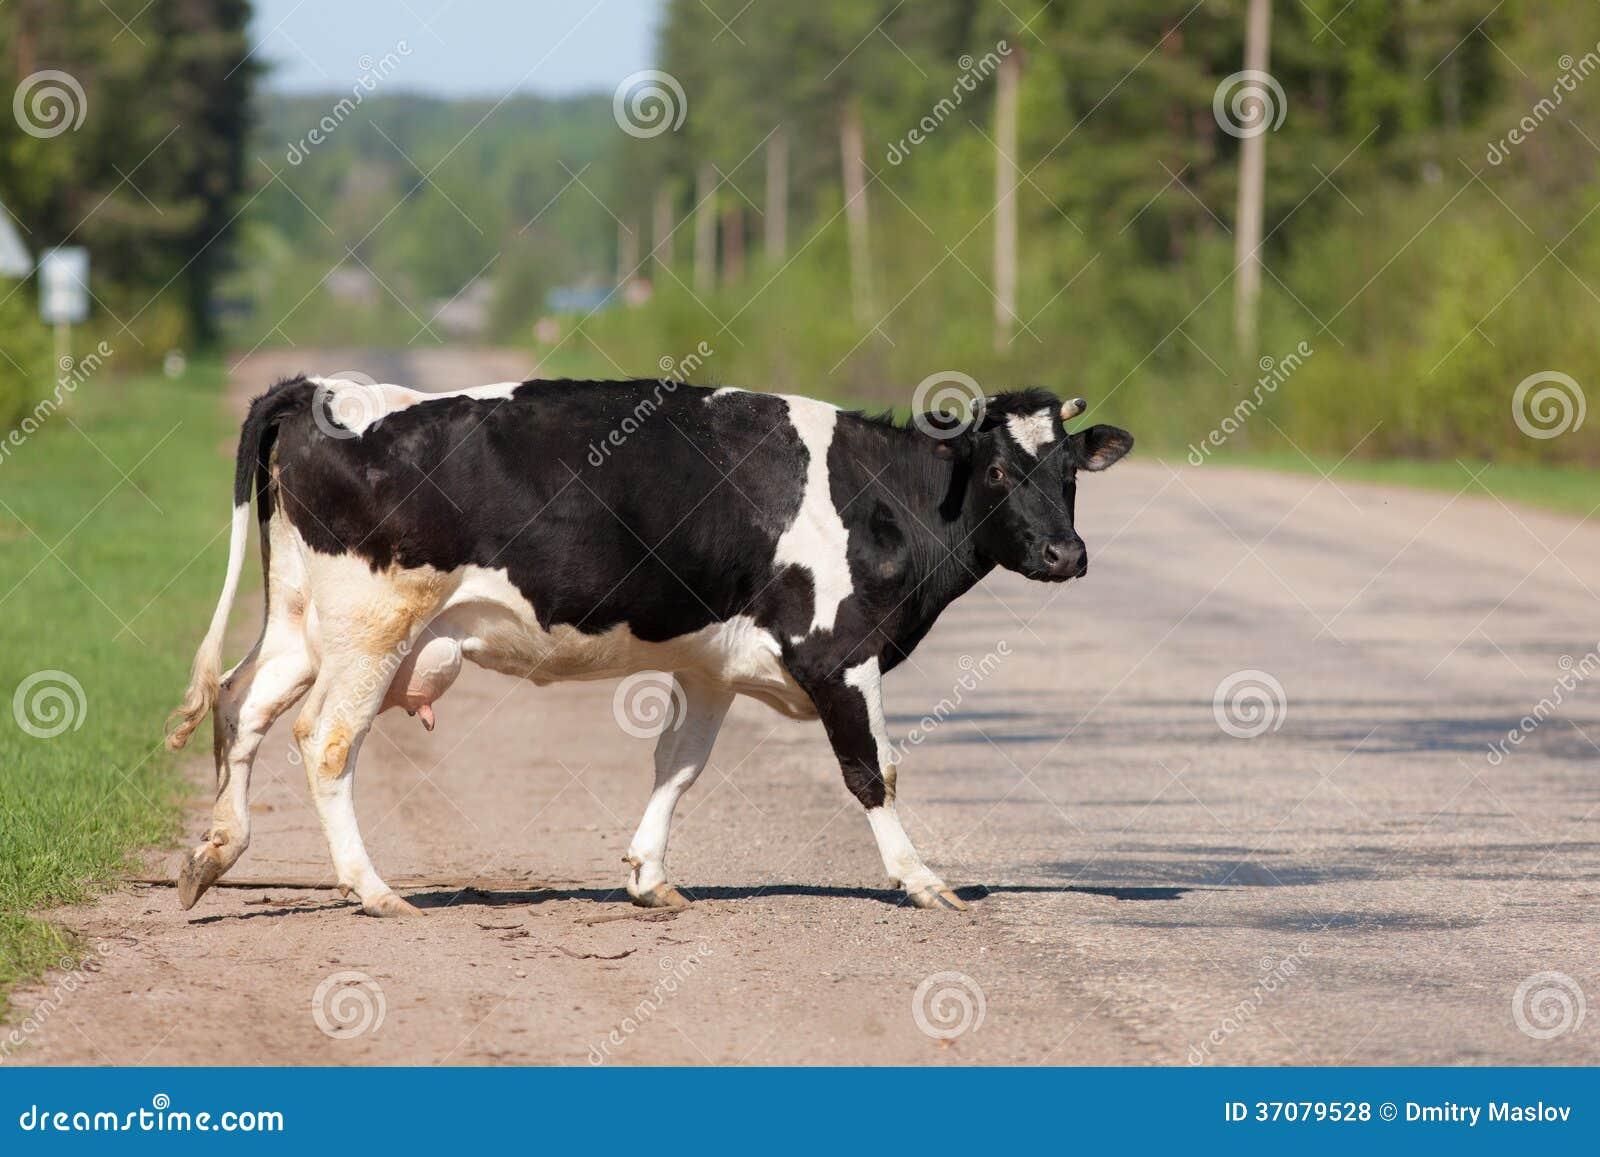 Download Krowa krzyżuje drogę zdjęcie stock. Obraz złożonej z natura - 37079528